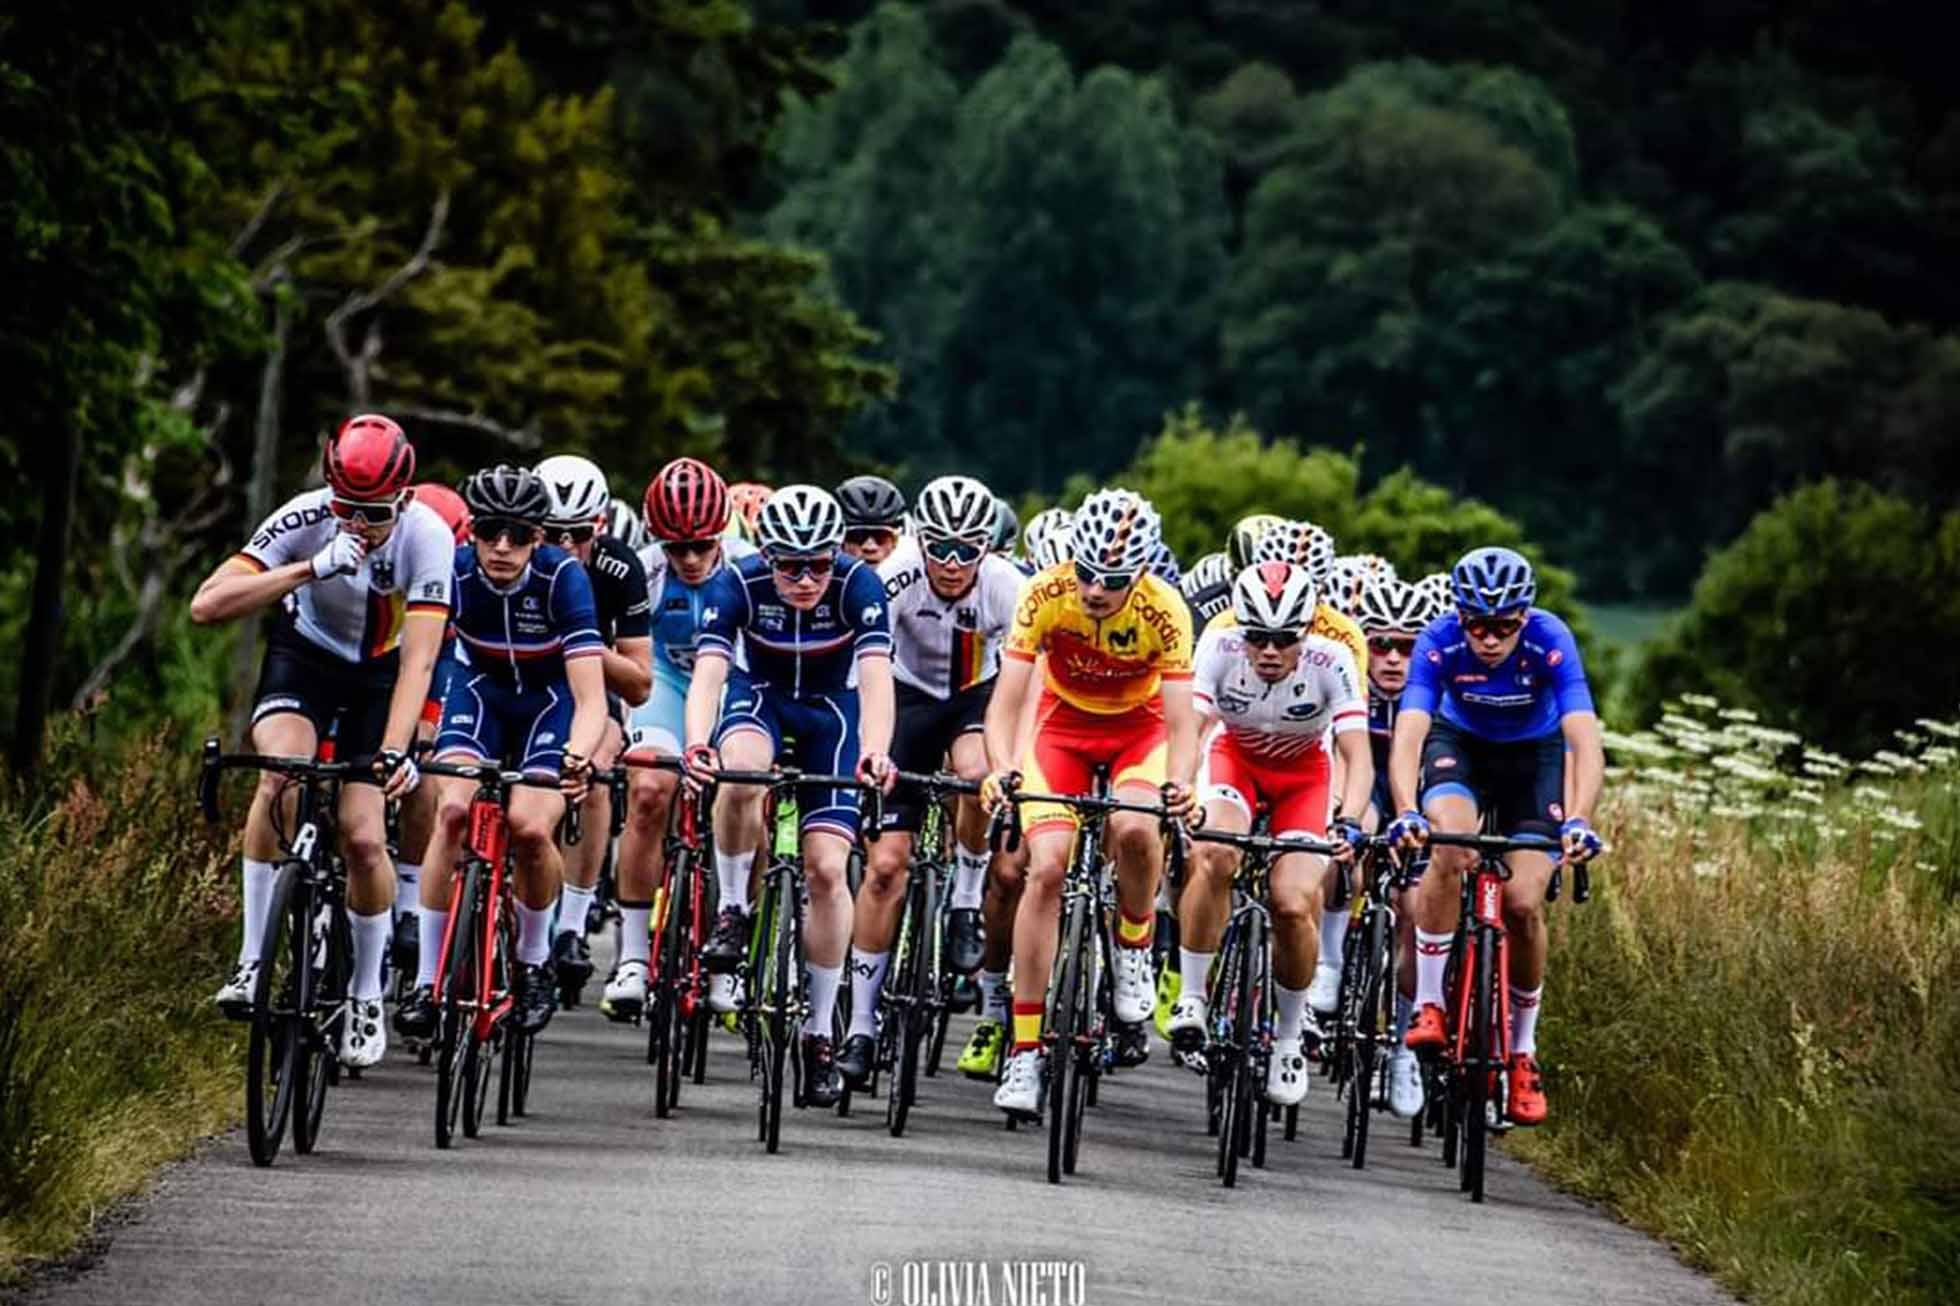 Trophee Centre Morbihan UCI ジュニア ネイションズカップ